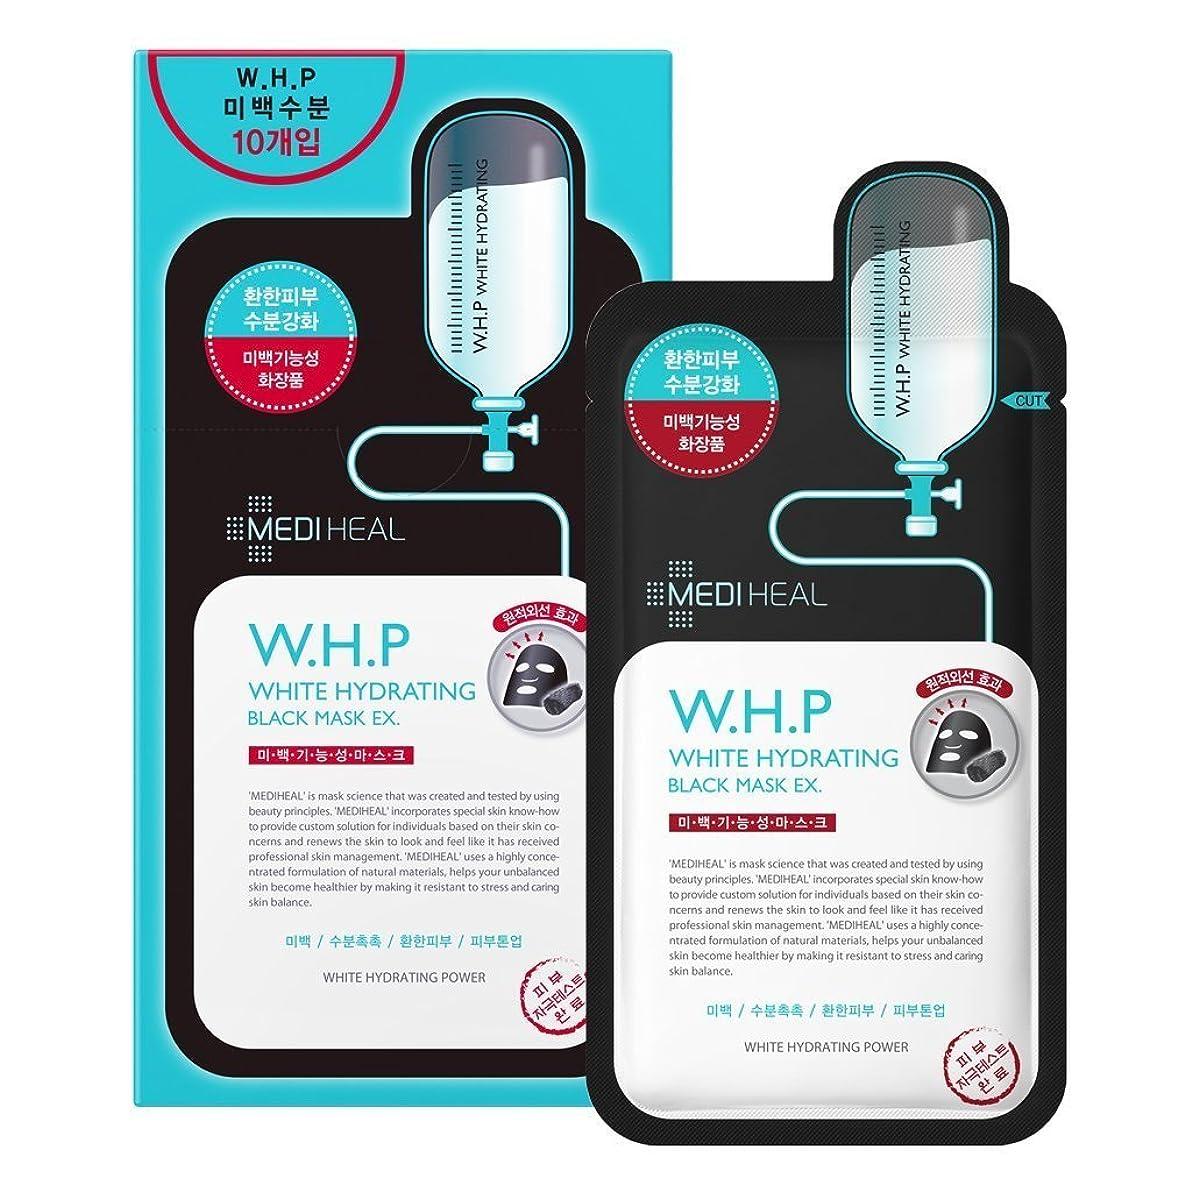 大理石失望させる早熟Mediheal WHP ホワイト ハイドレイティング ブラック マスク EX 25mL x10枚 [並行輸入品]